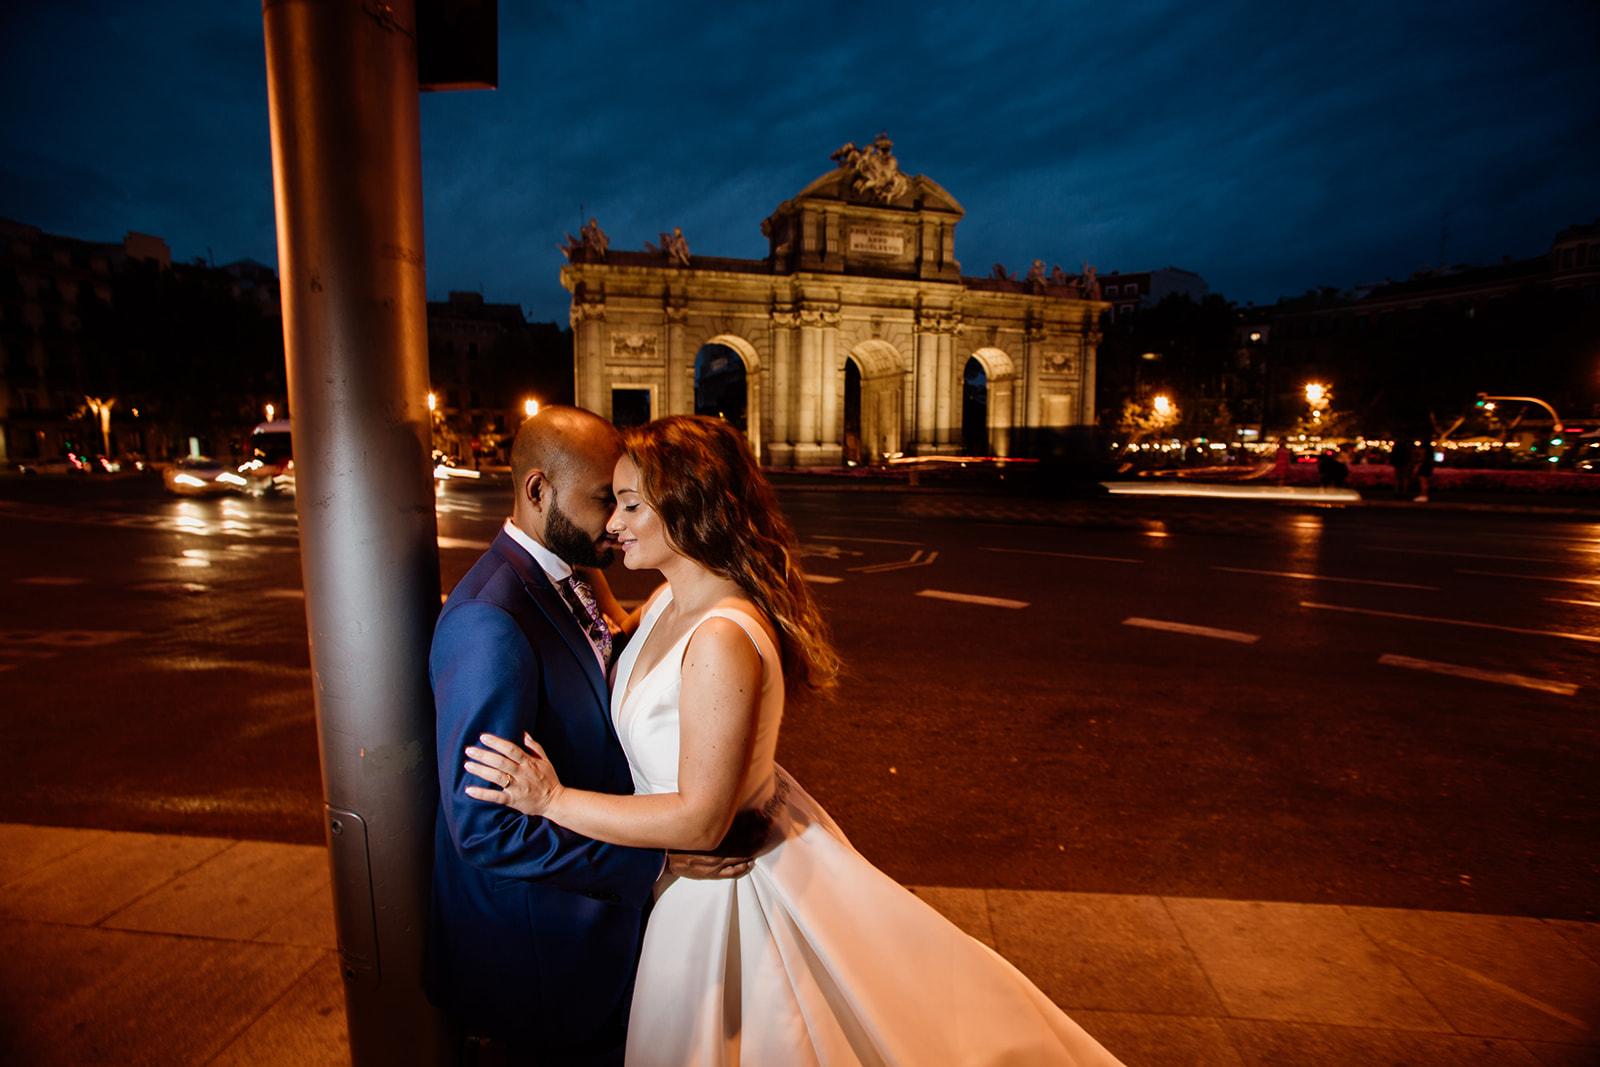 sesión post boda nocturna en Puerta de Alcalá